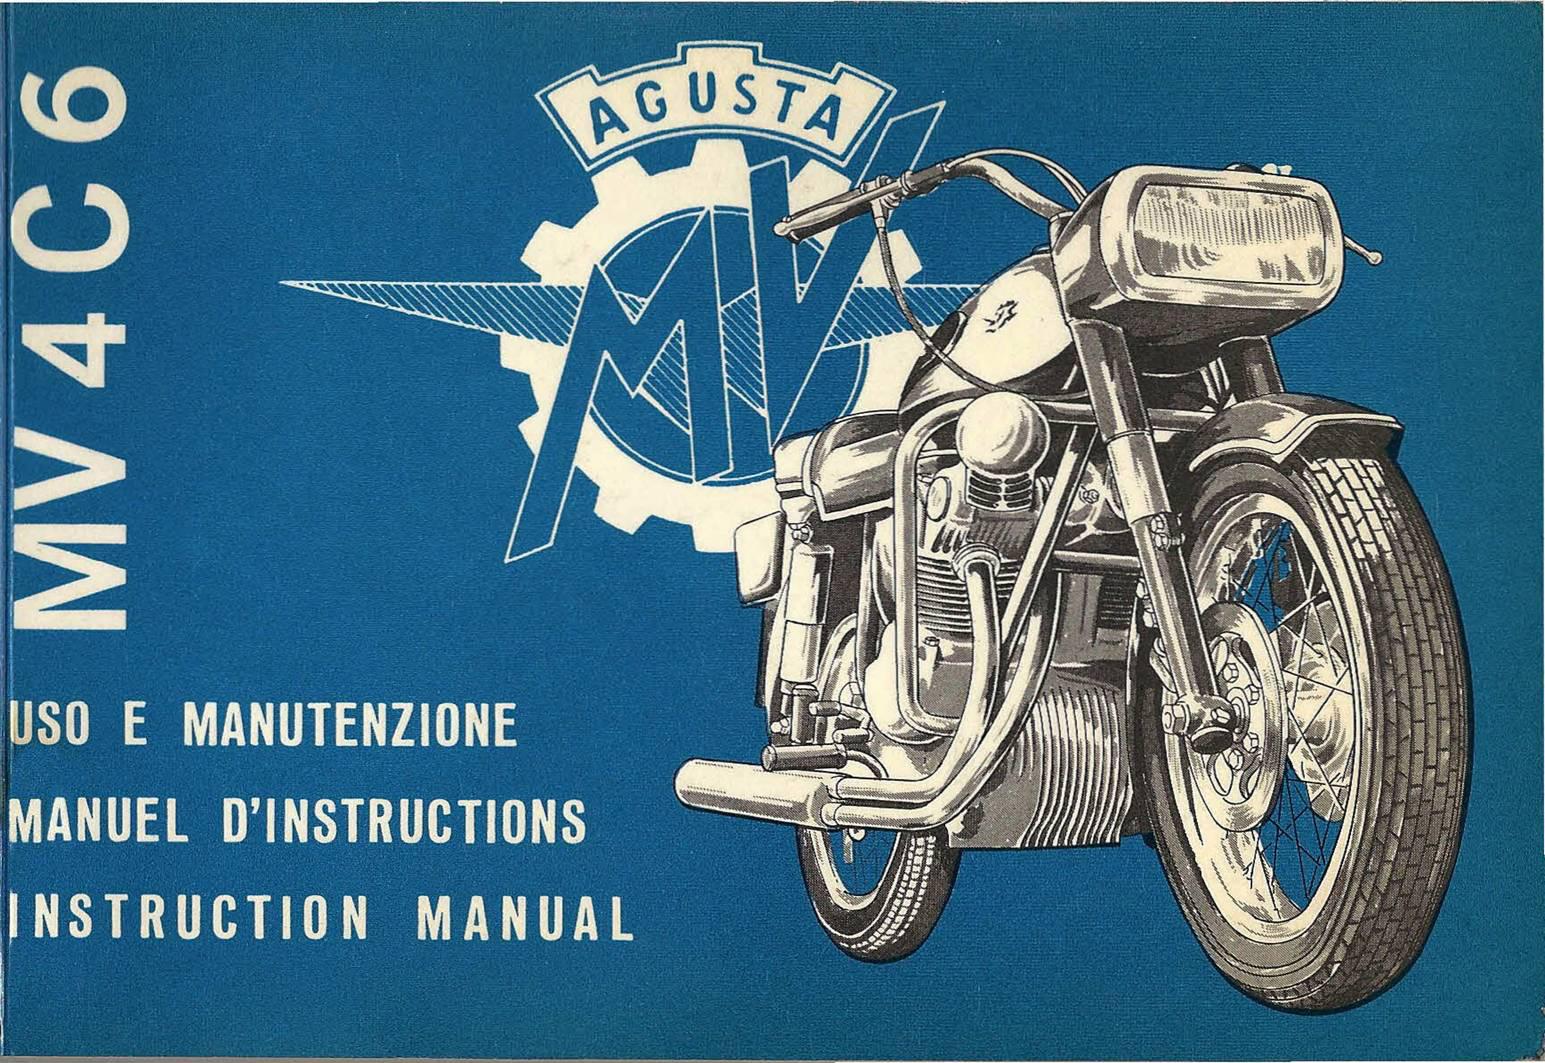 Libretto Uso e Manutenzione della Mv Agusta 600 cc 4c